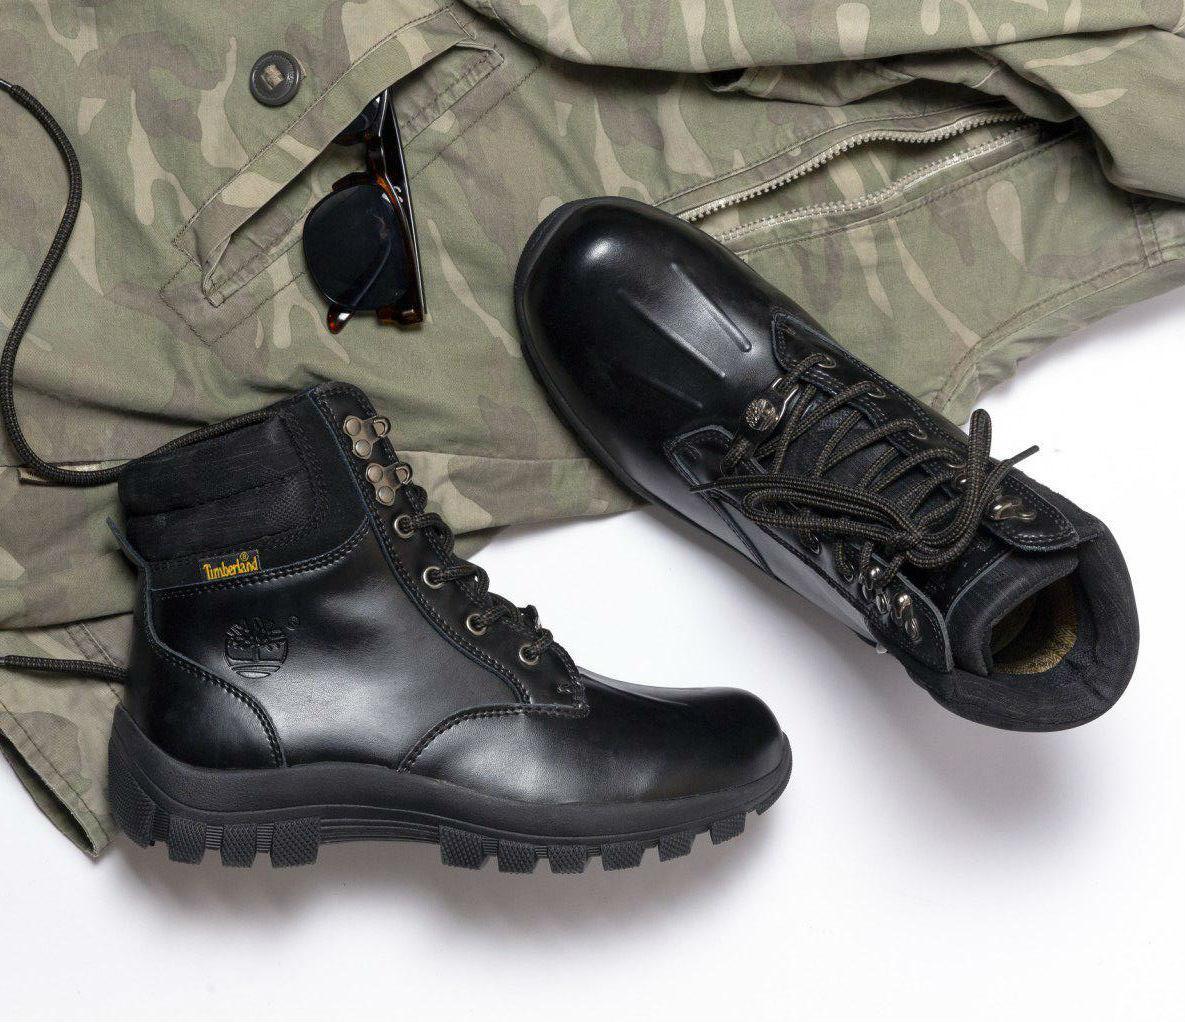 8deb5c33 Timberland Leather Black | мужские ботинки; черные; кожаные; без меха